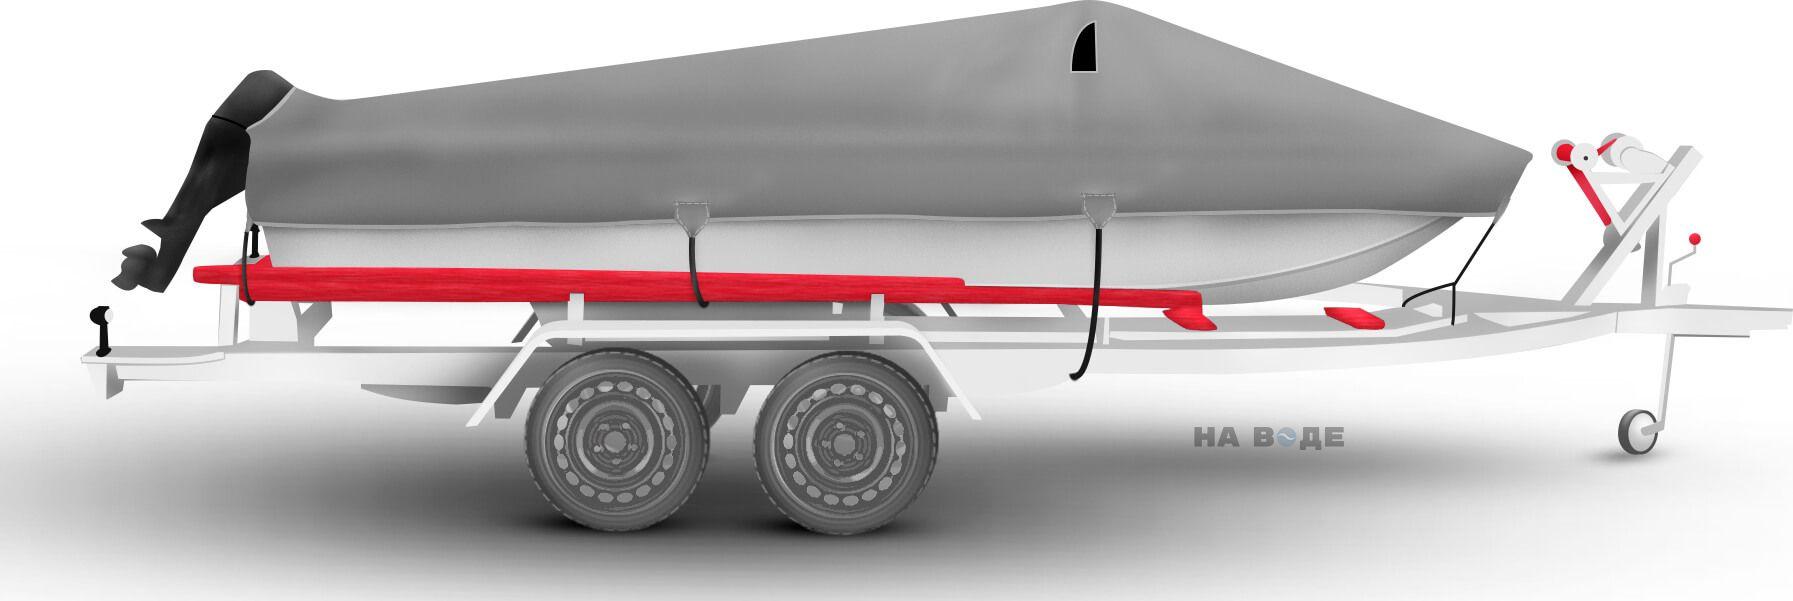 Транспортировочный тент на лодку Сарепта без рубки комплектация C кулисой для мотора - фото 3